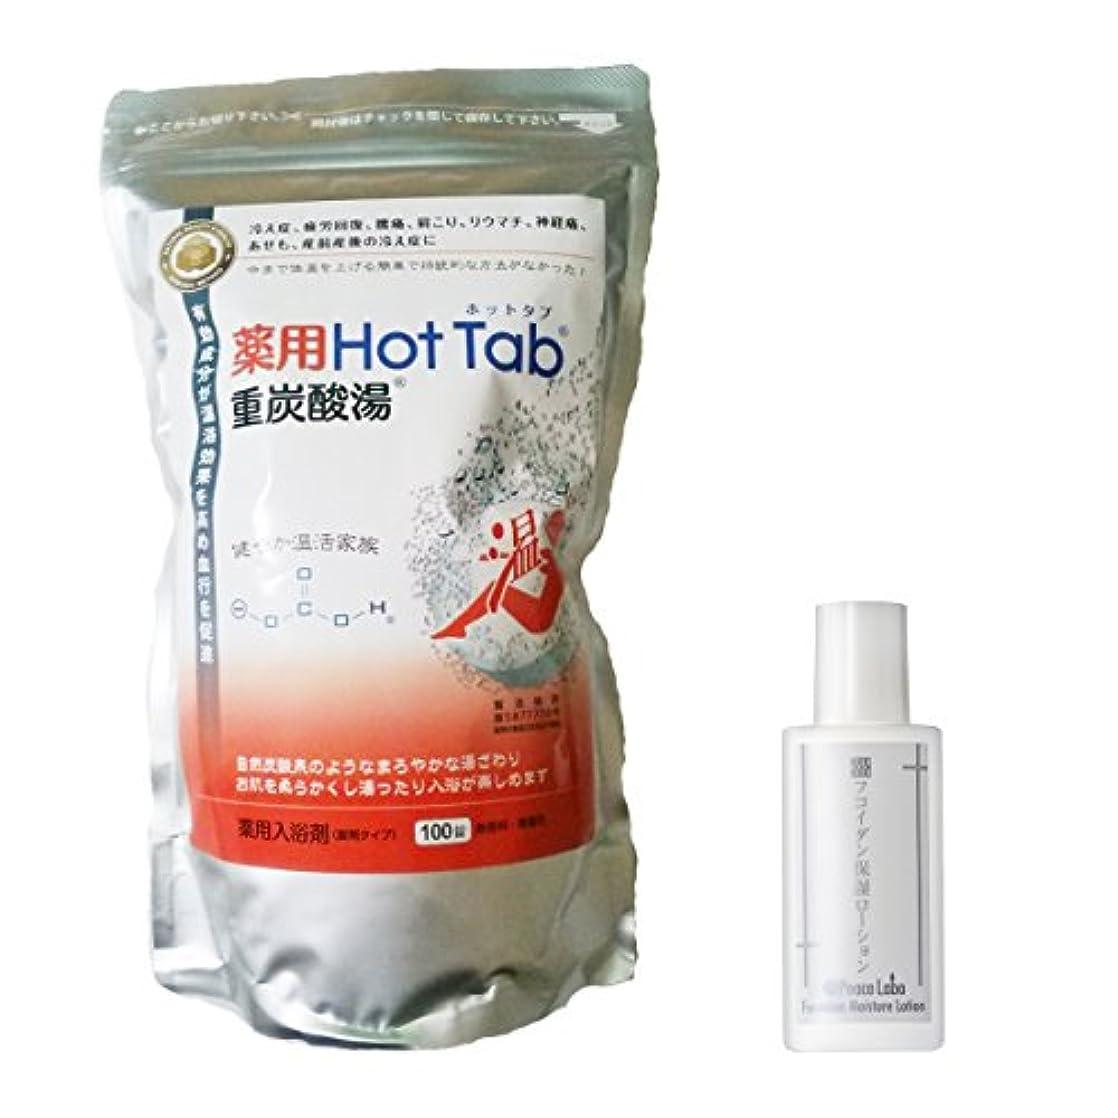 口径量最初はホットアルバムコム 新 薬用 ホットタブ 重炭酸湯 100錠入り フコイダン保湿ローション 20ml セット